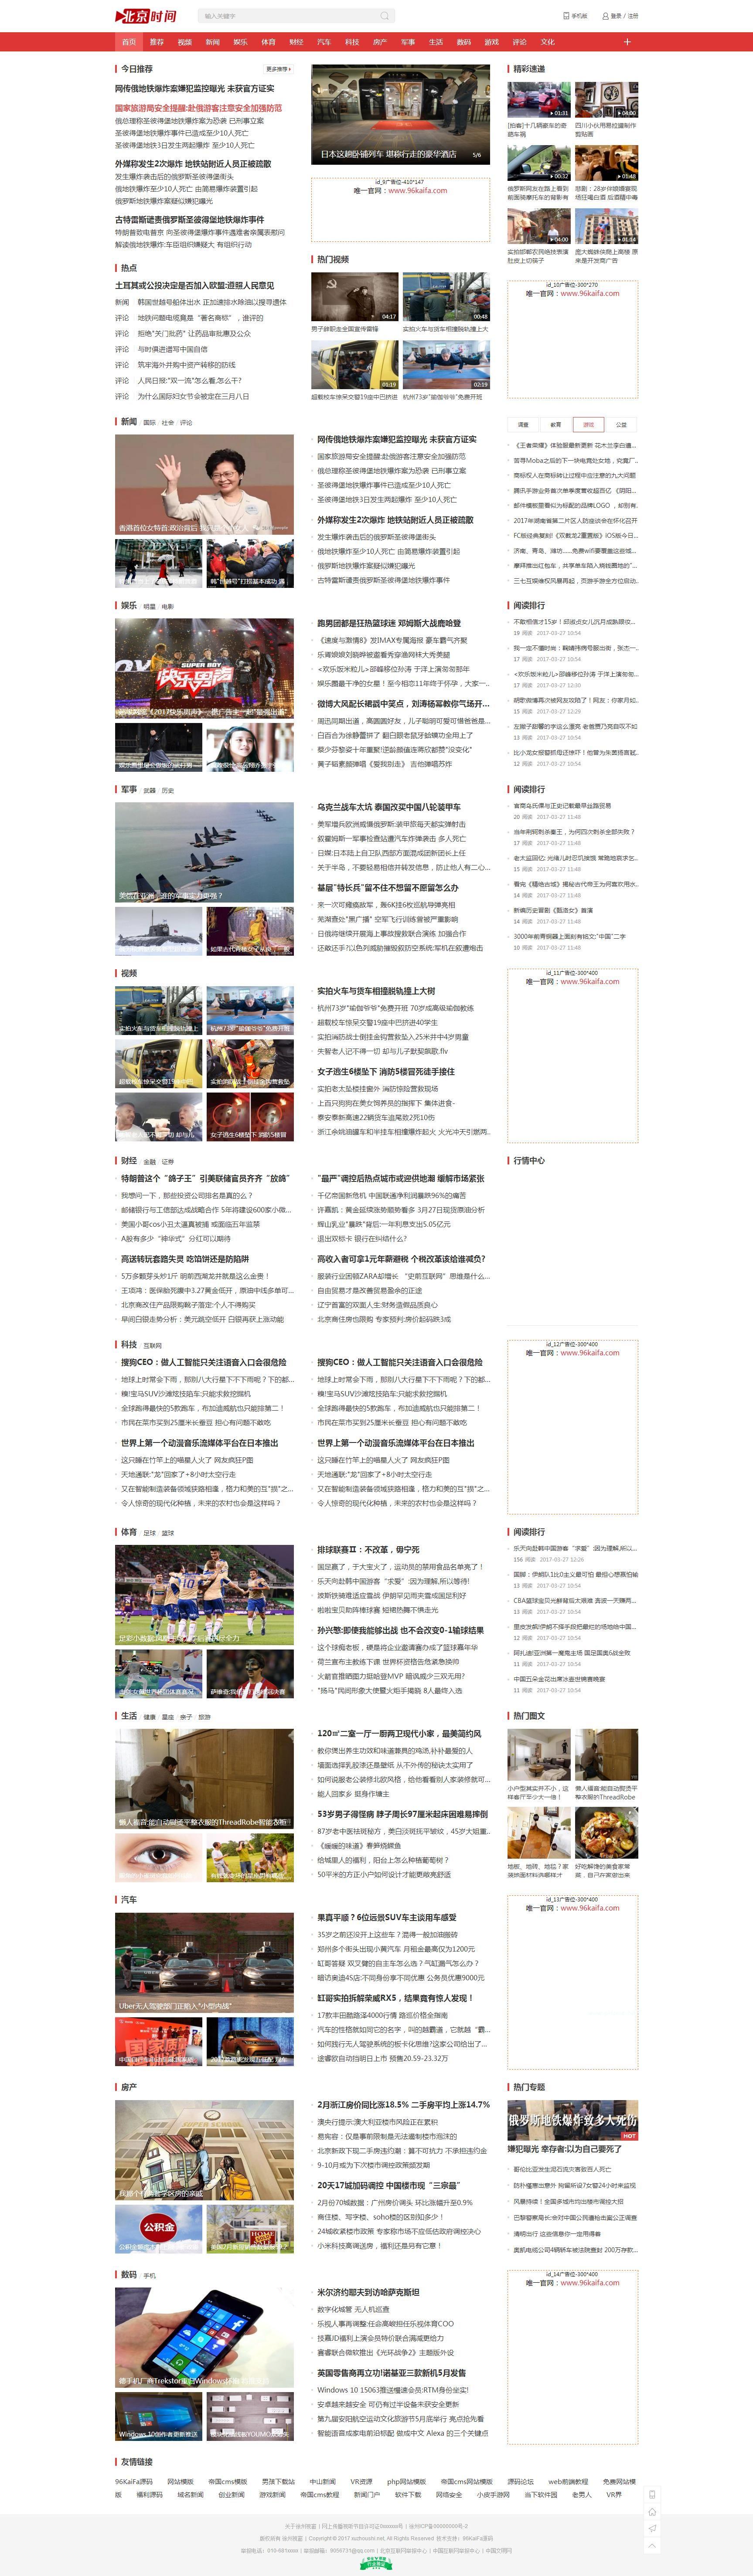 帝国cms仿北京时间新闻源码头条资讯门户模版会员中心可投稿采集插图